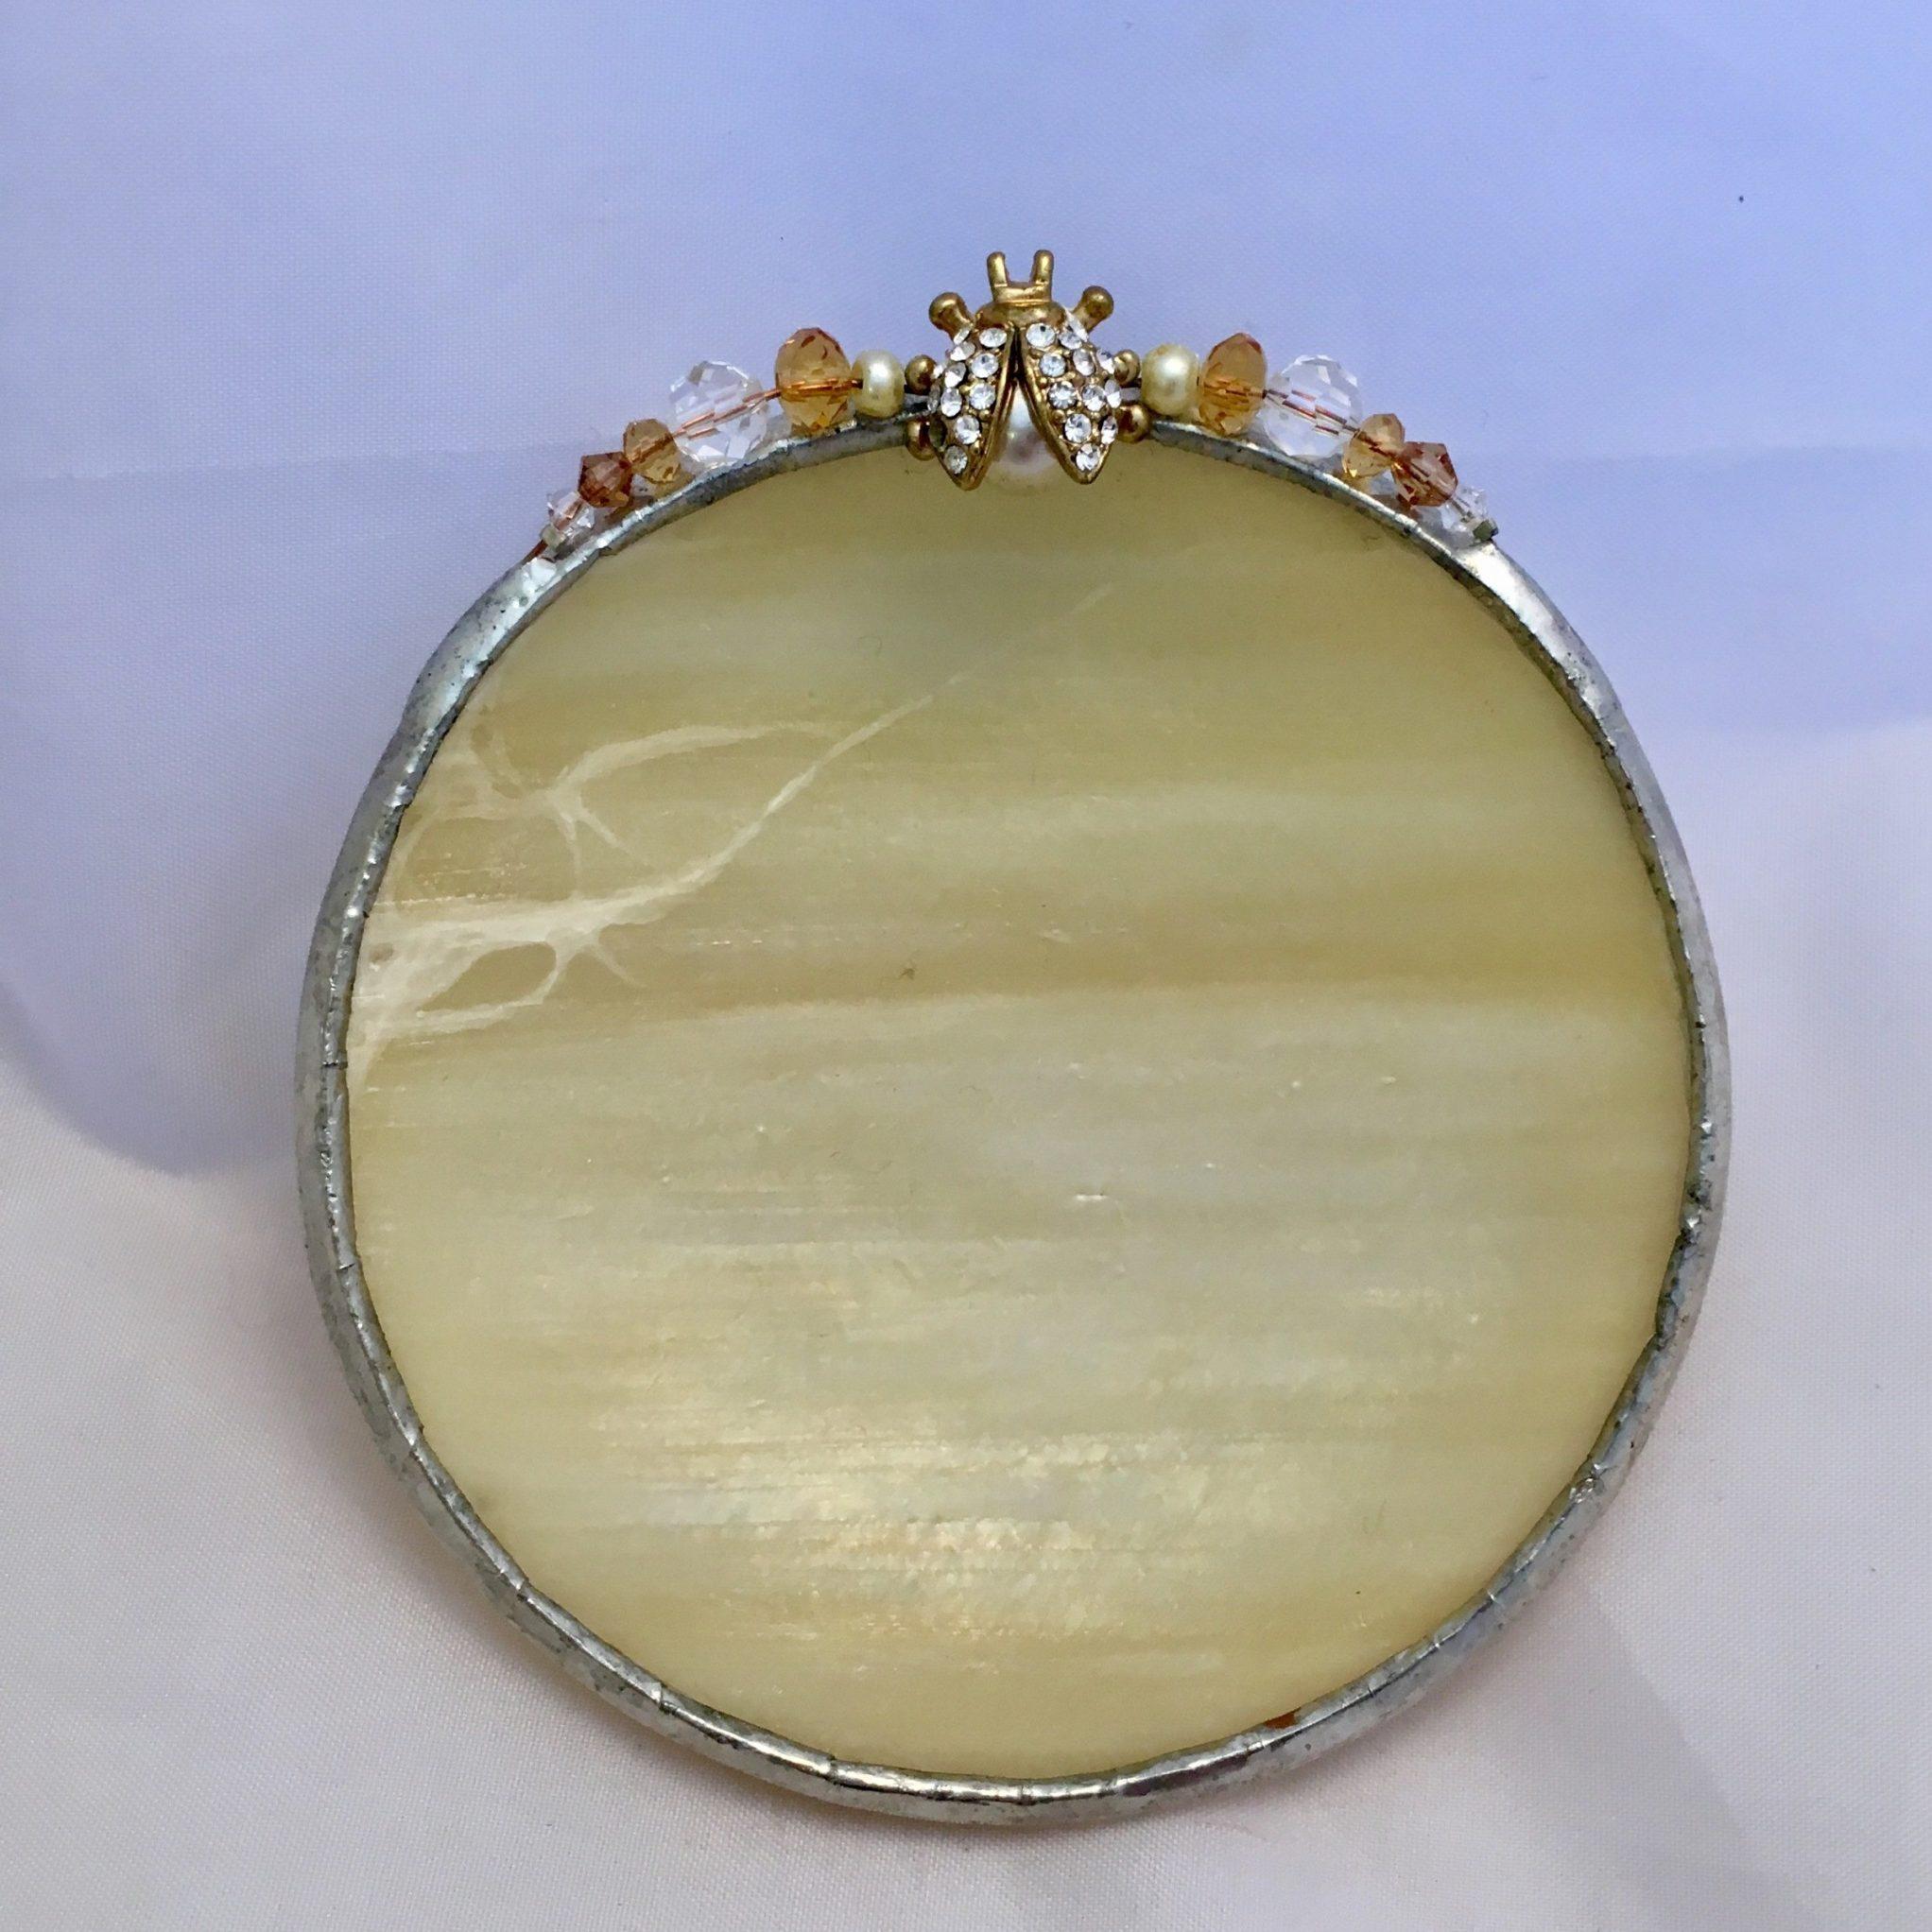 Cream gold jeweled lady bug